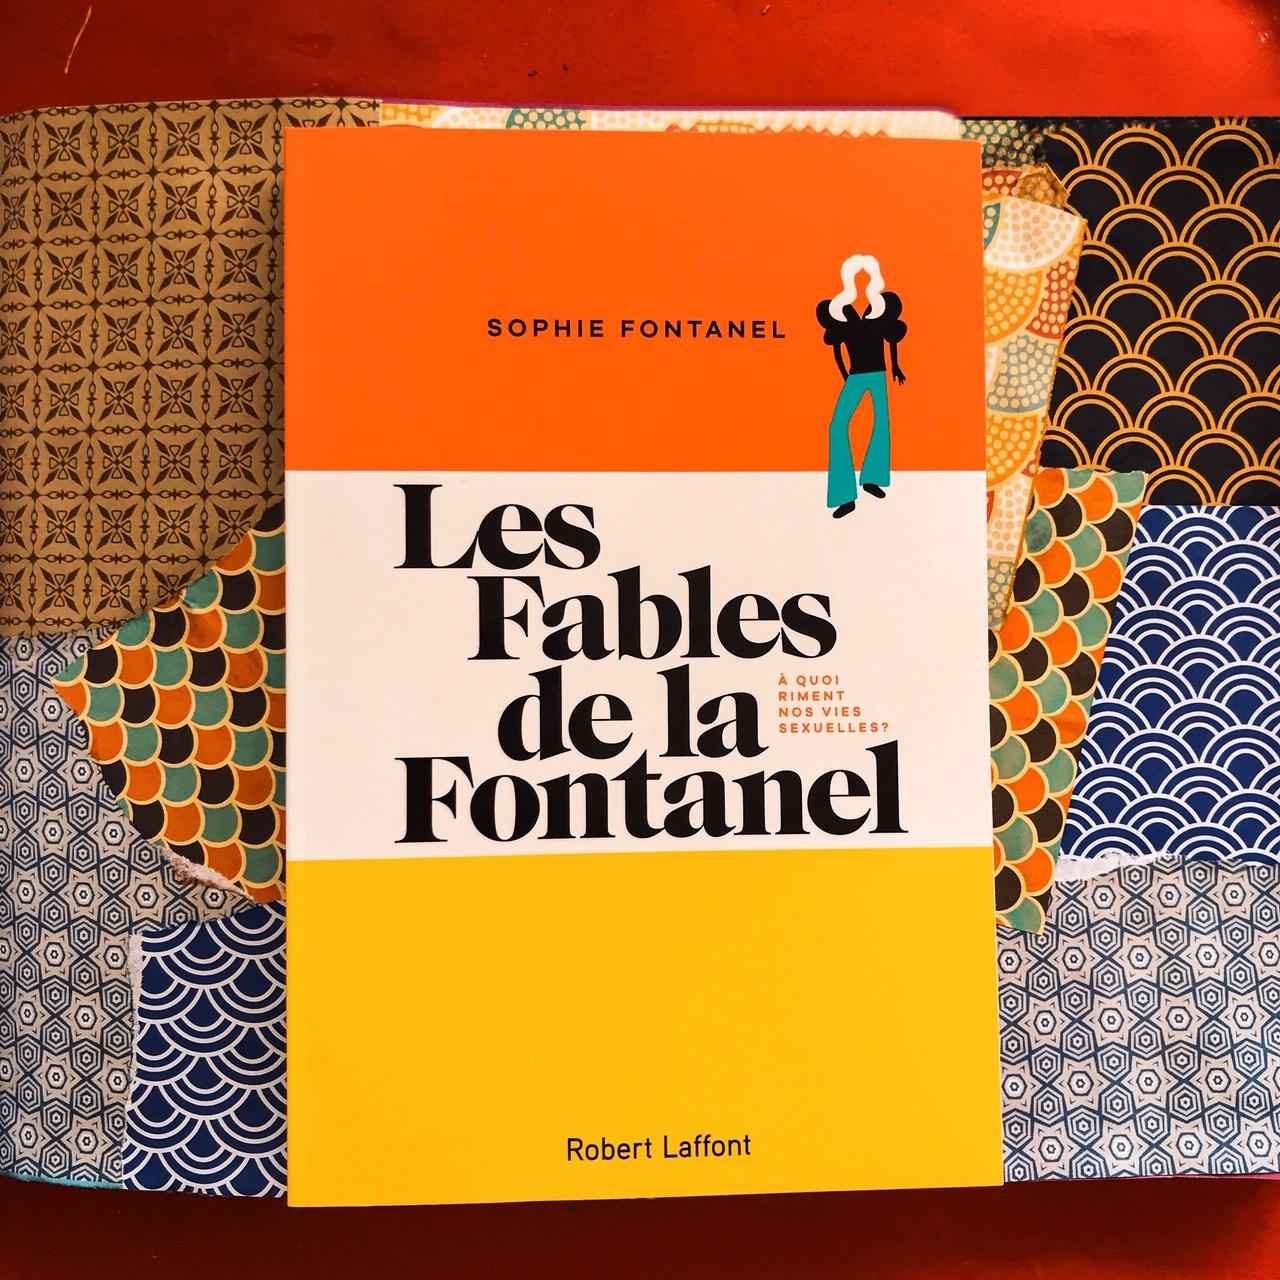 Les fables de la Fontanel, de Sophie Fontanel : A quoi riment nos vies sexuelles ?